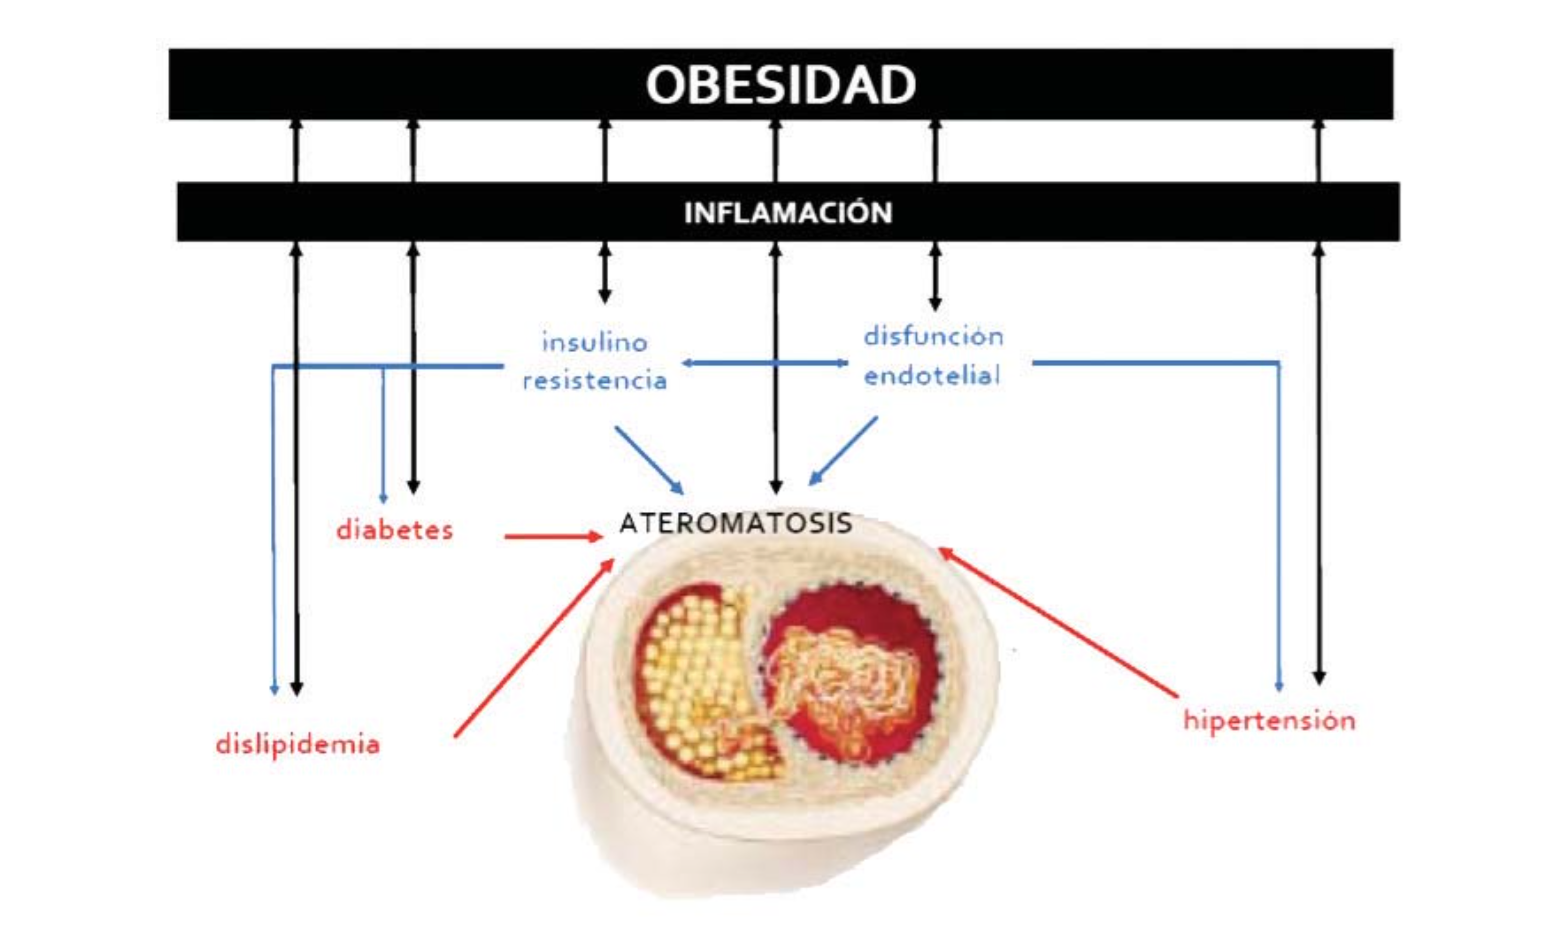 fissac _ consecuencias sistémicas obesidad inflamación